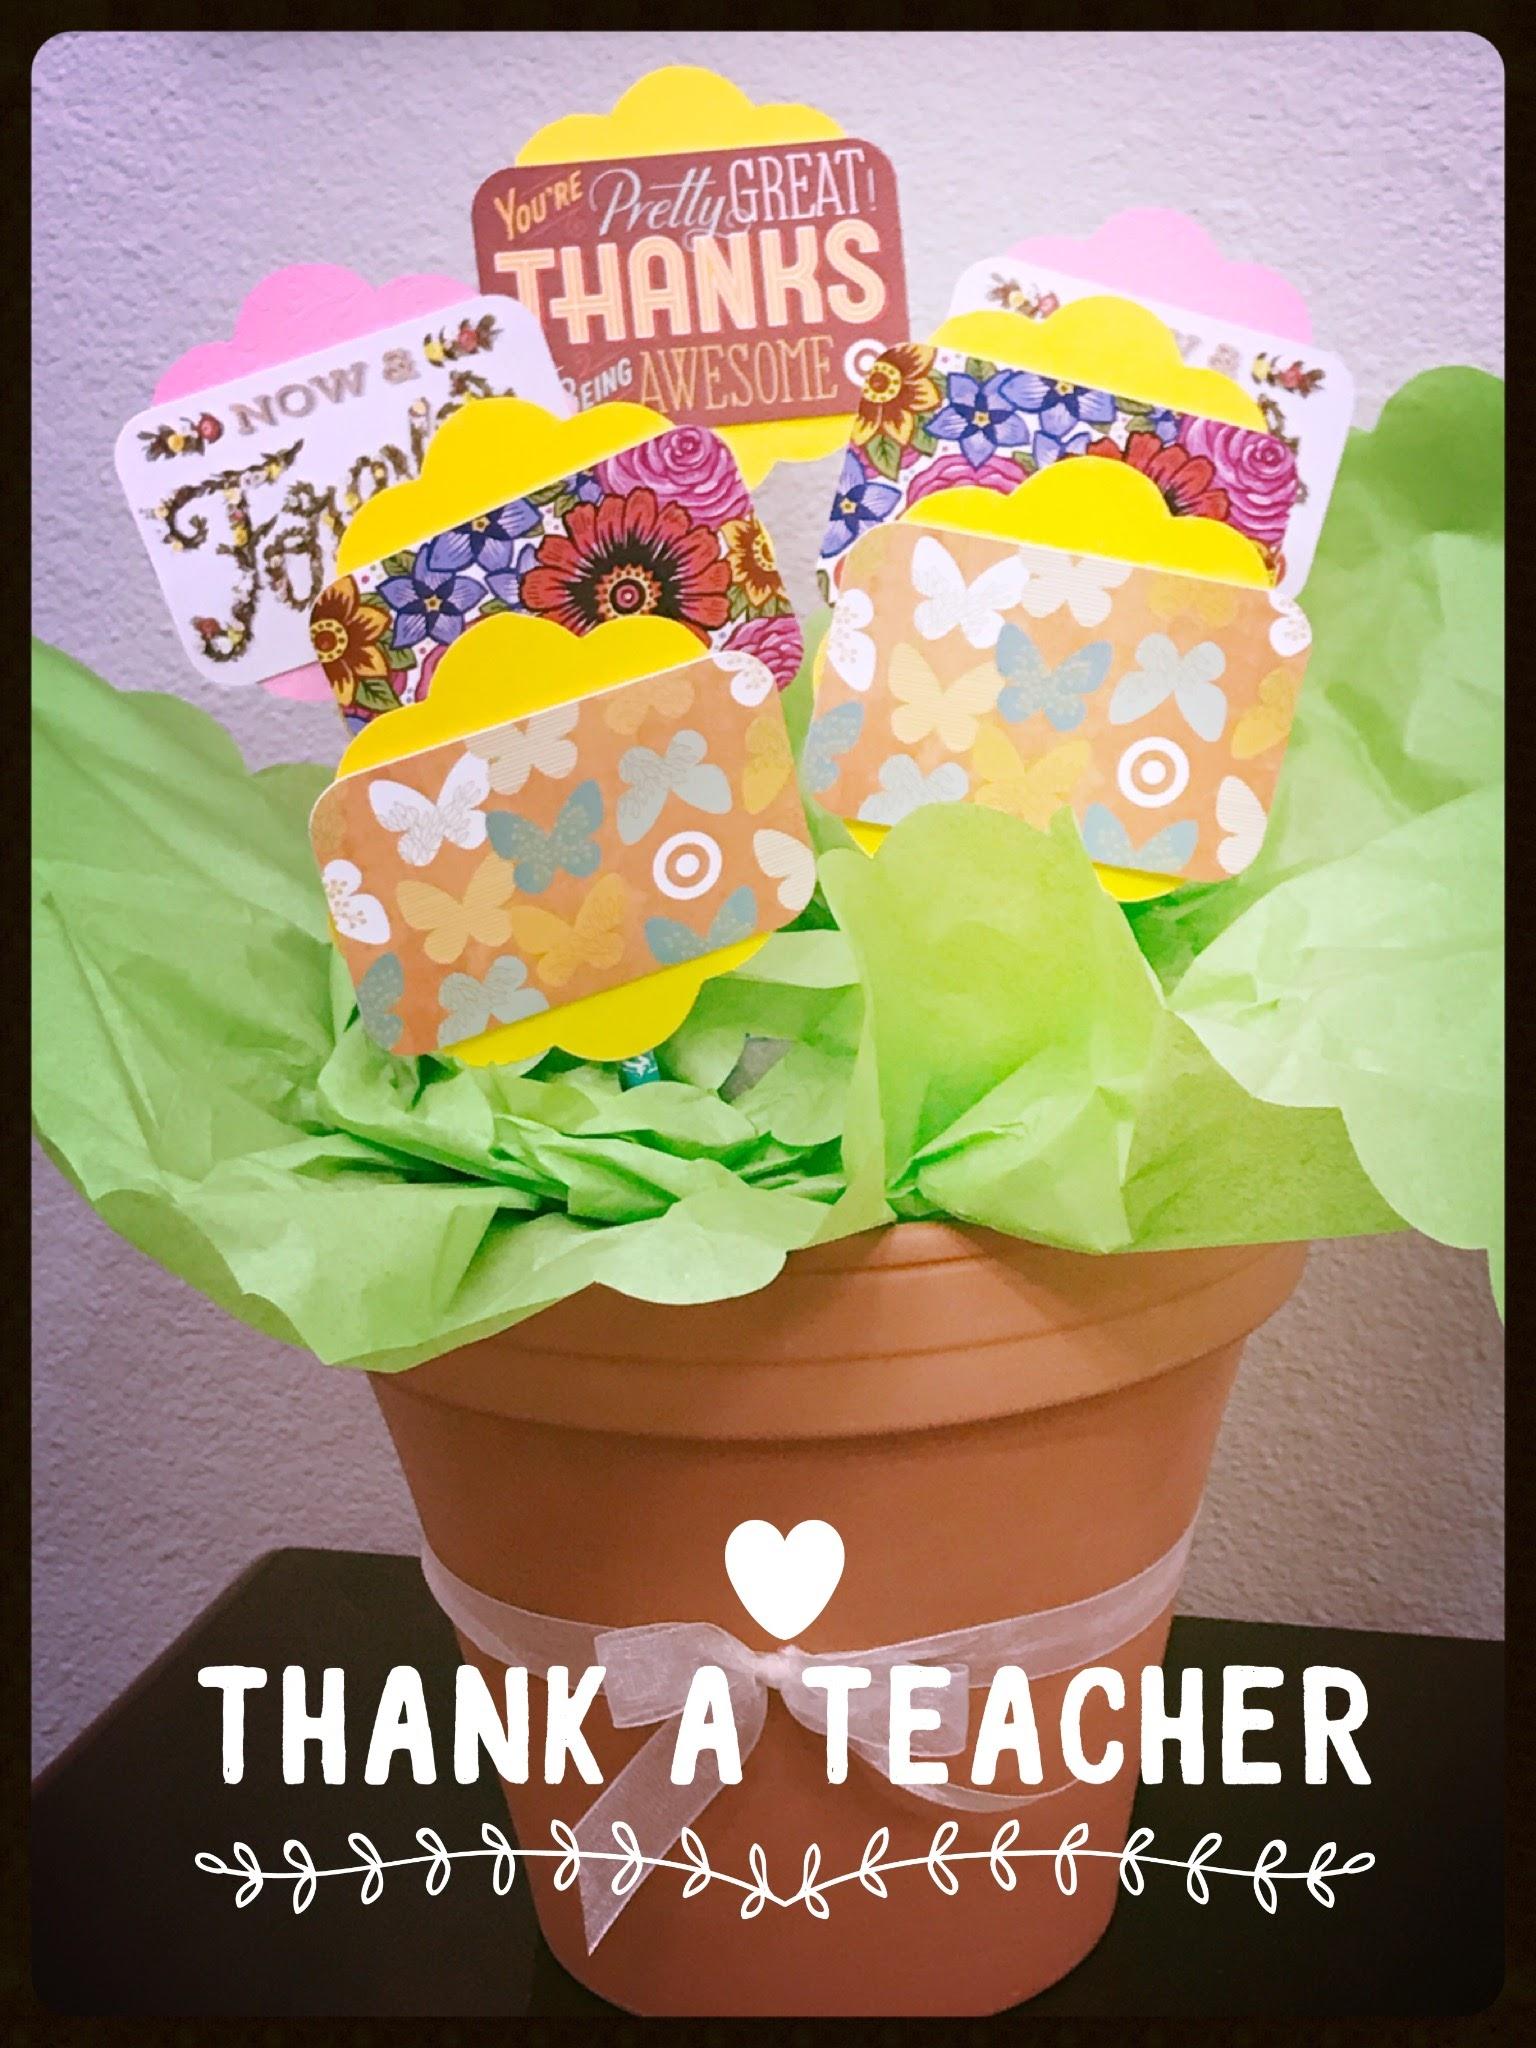 THank a teacher gift